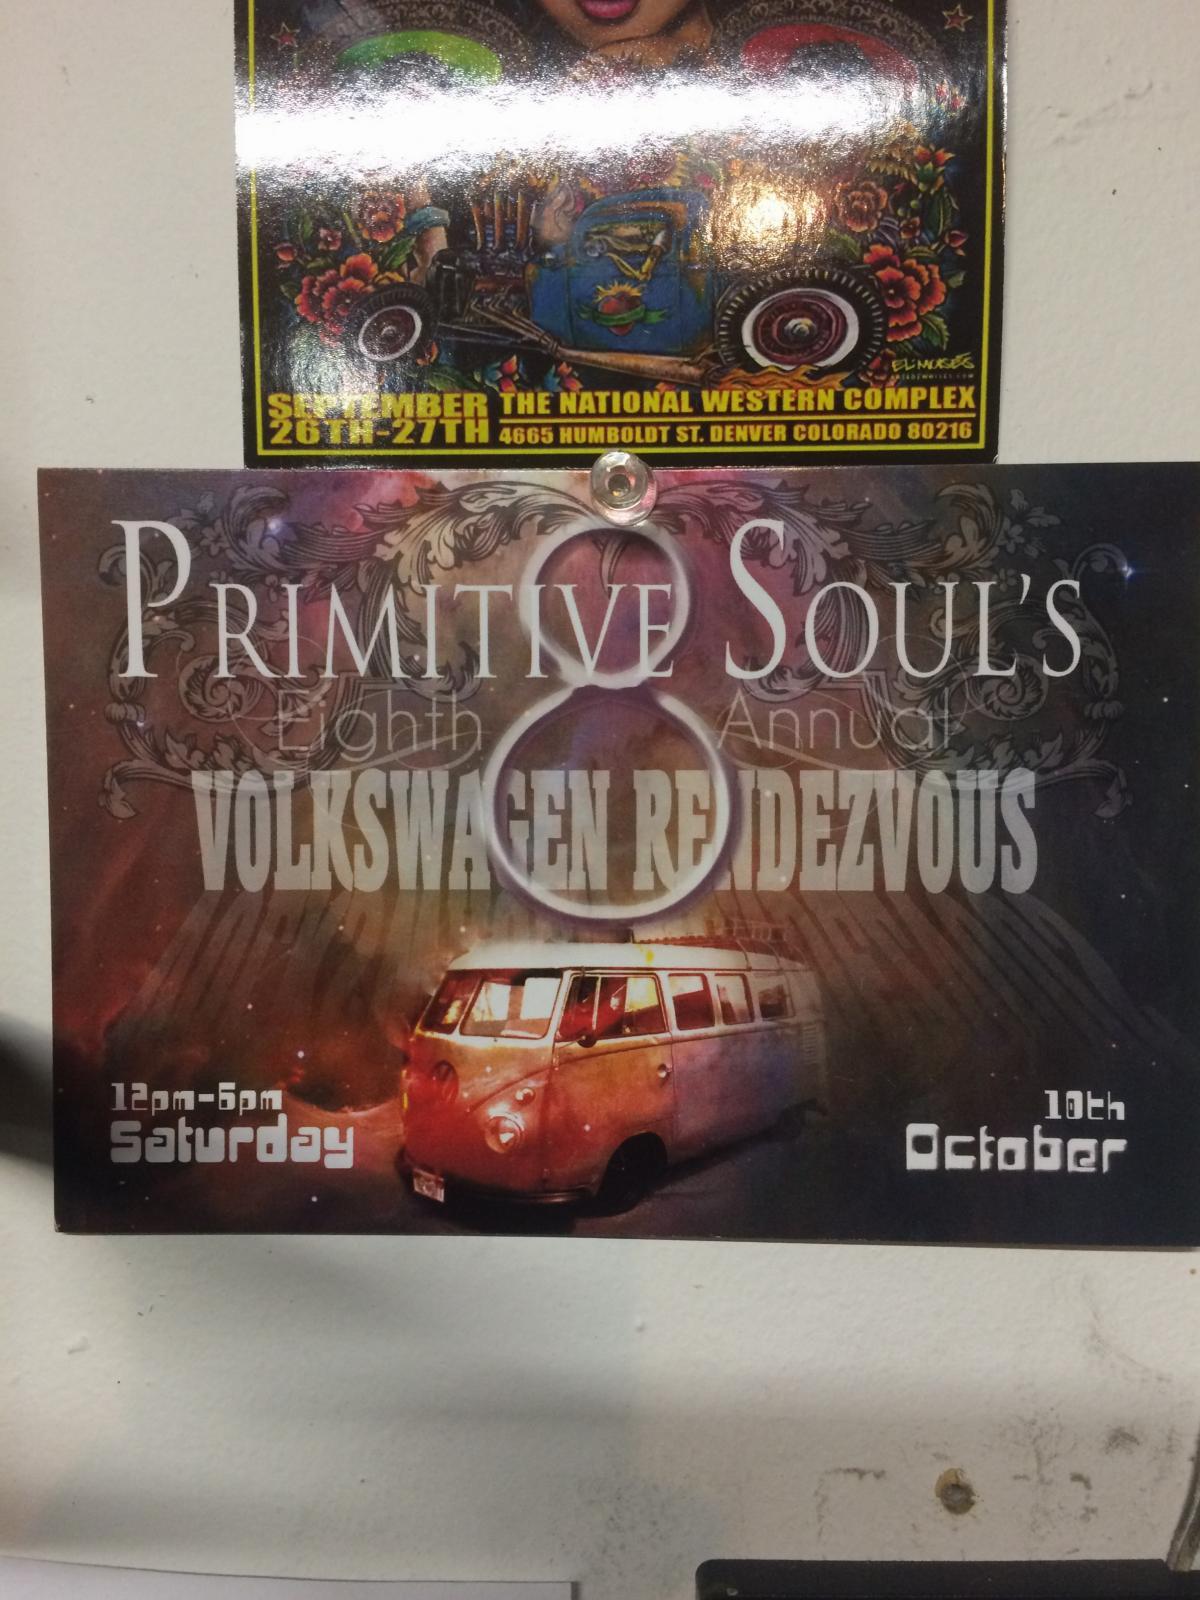 Primitive soul